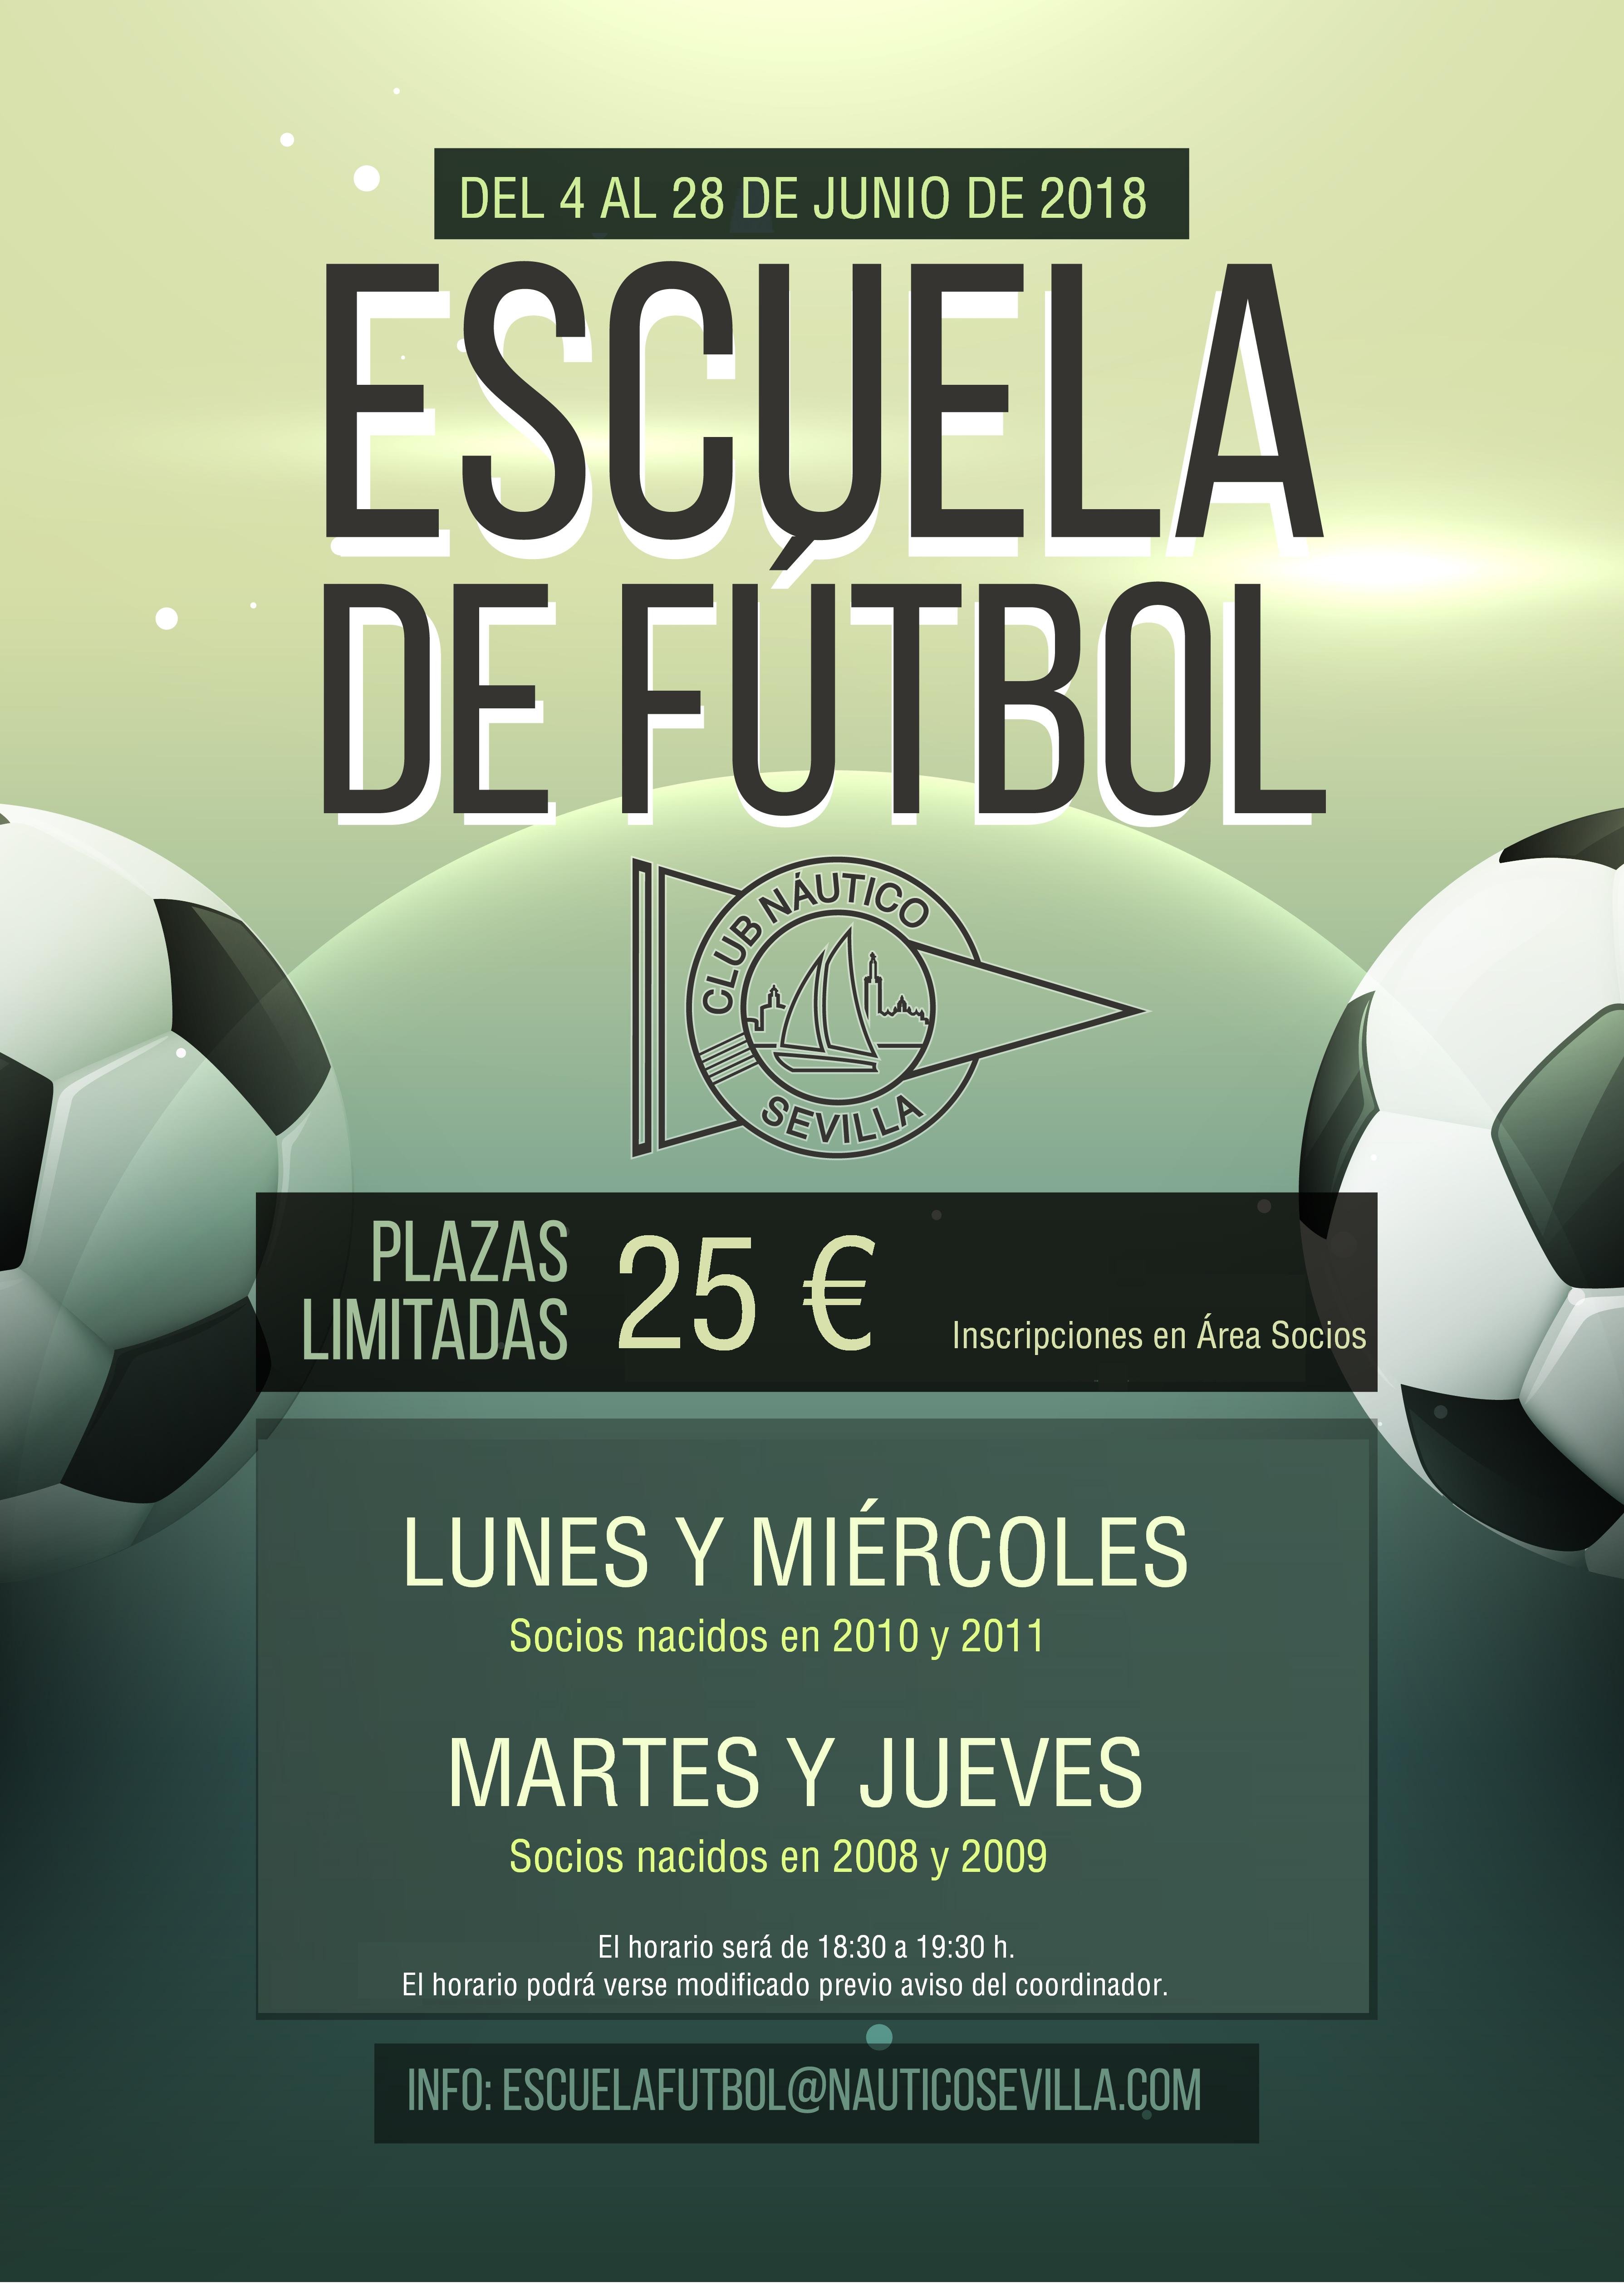 Escuela de fútbol-web1.png